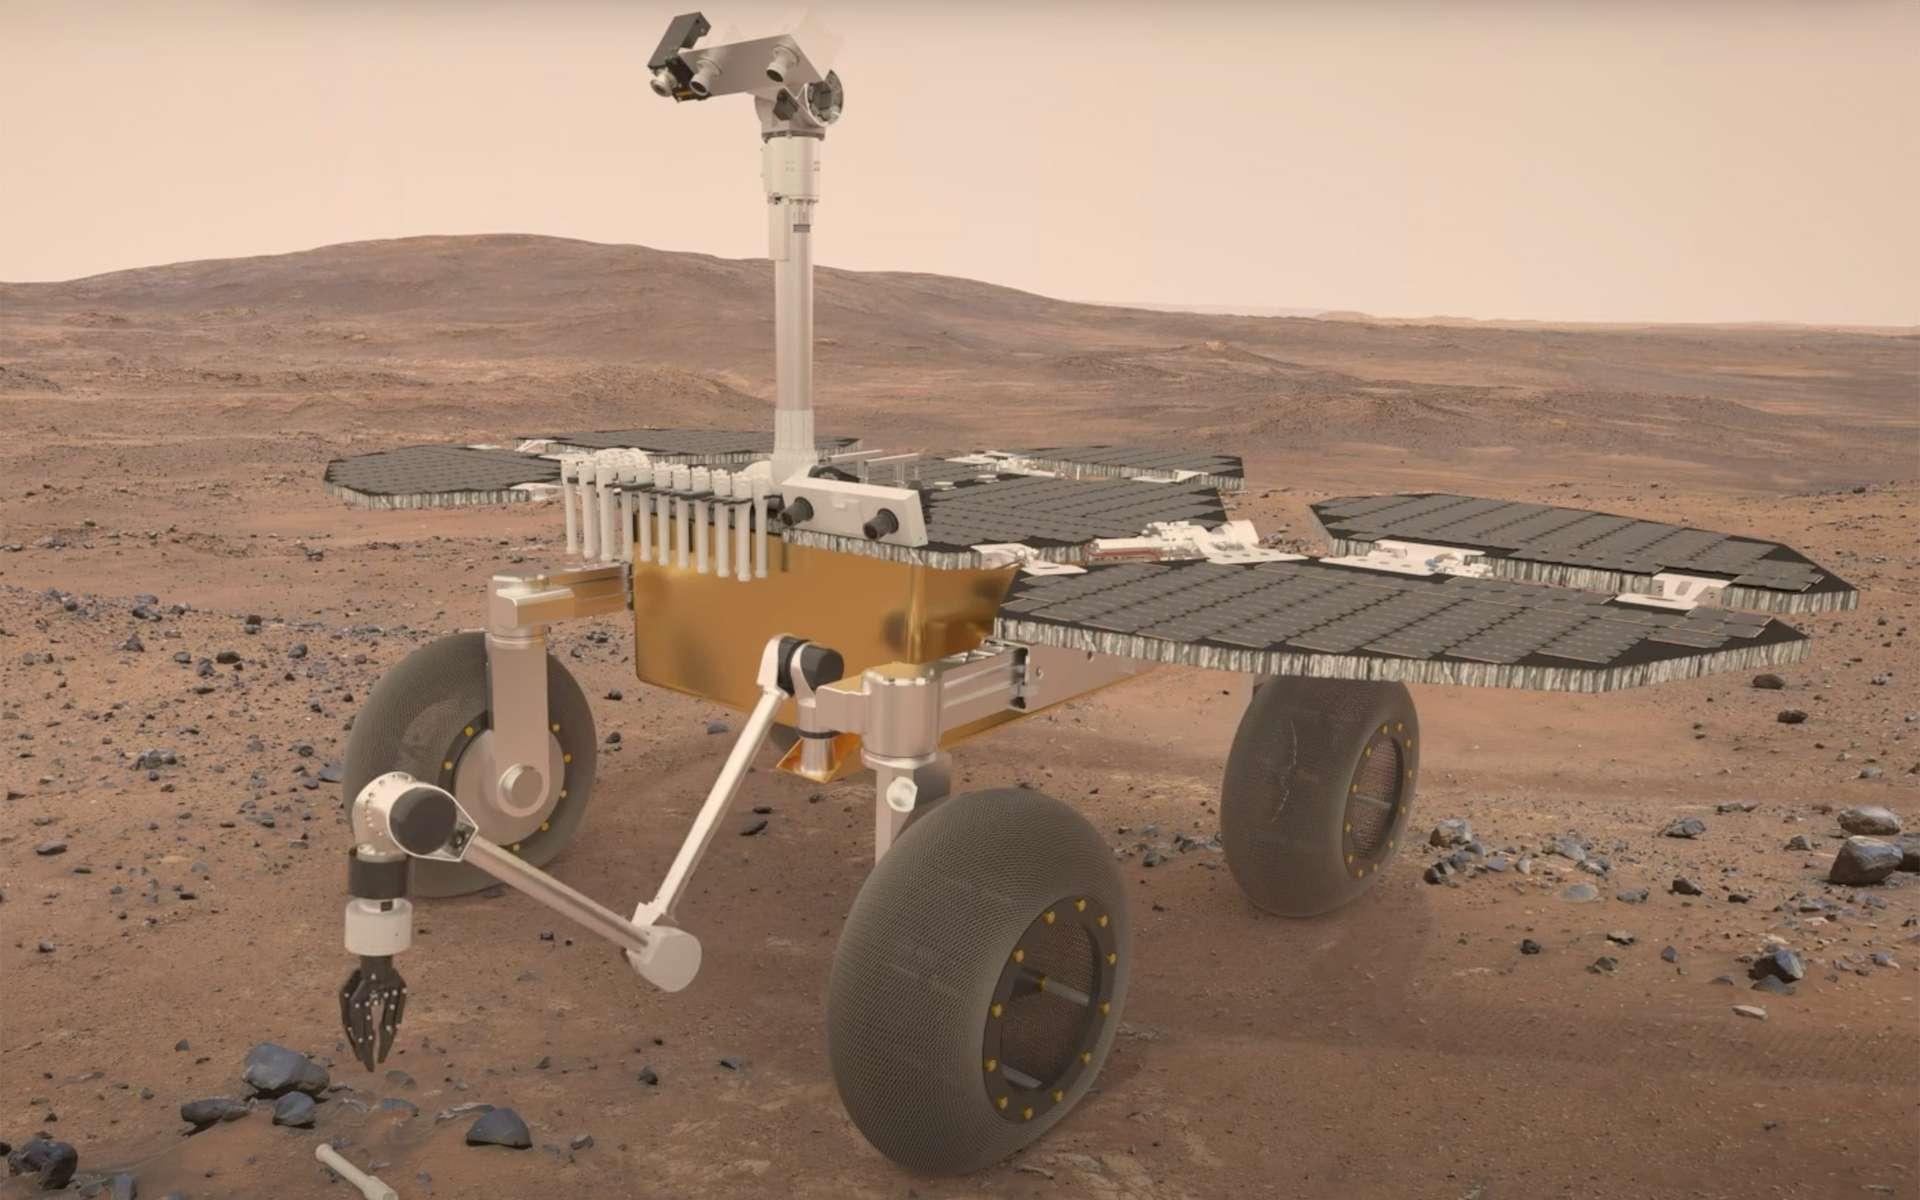 Vue d'artiste du Fetch rover de la mission de retour d'échantillons martiens de la Nasa et de l'ESA. Ce rover, réalisé par Airbus, aura pour unique tâche la récupération des échantillons de la Planète rouge collectés par Perseverance qui les aura logés dans des petits tubes en métal et déposés sur la surface de Mars. © ESA